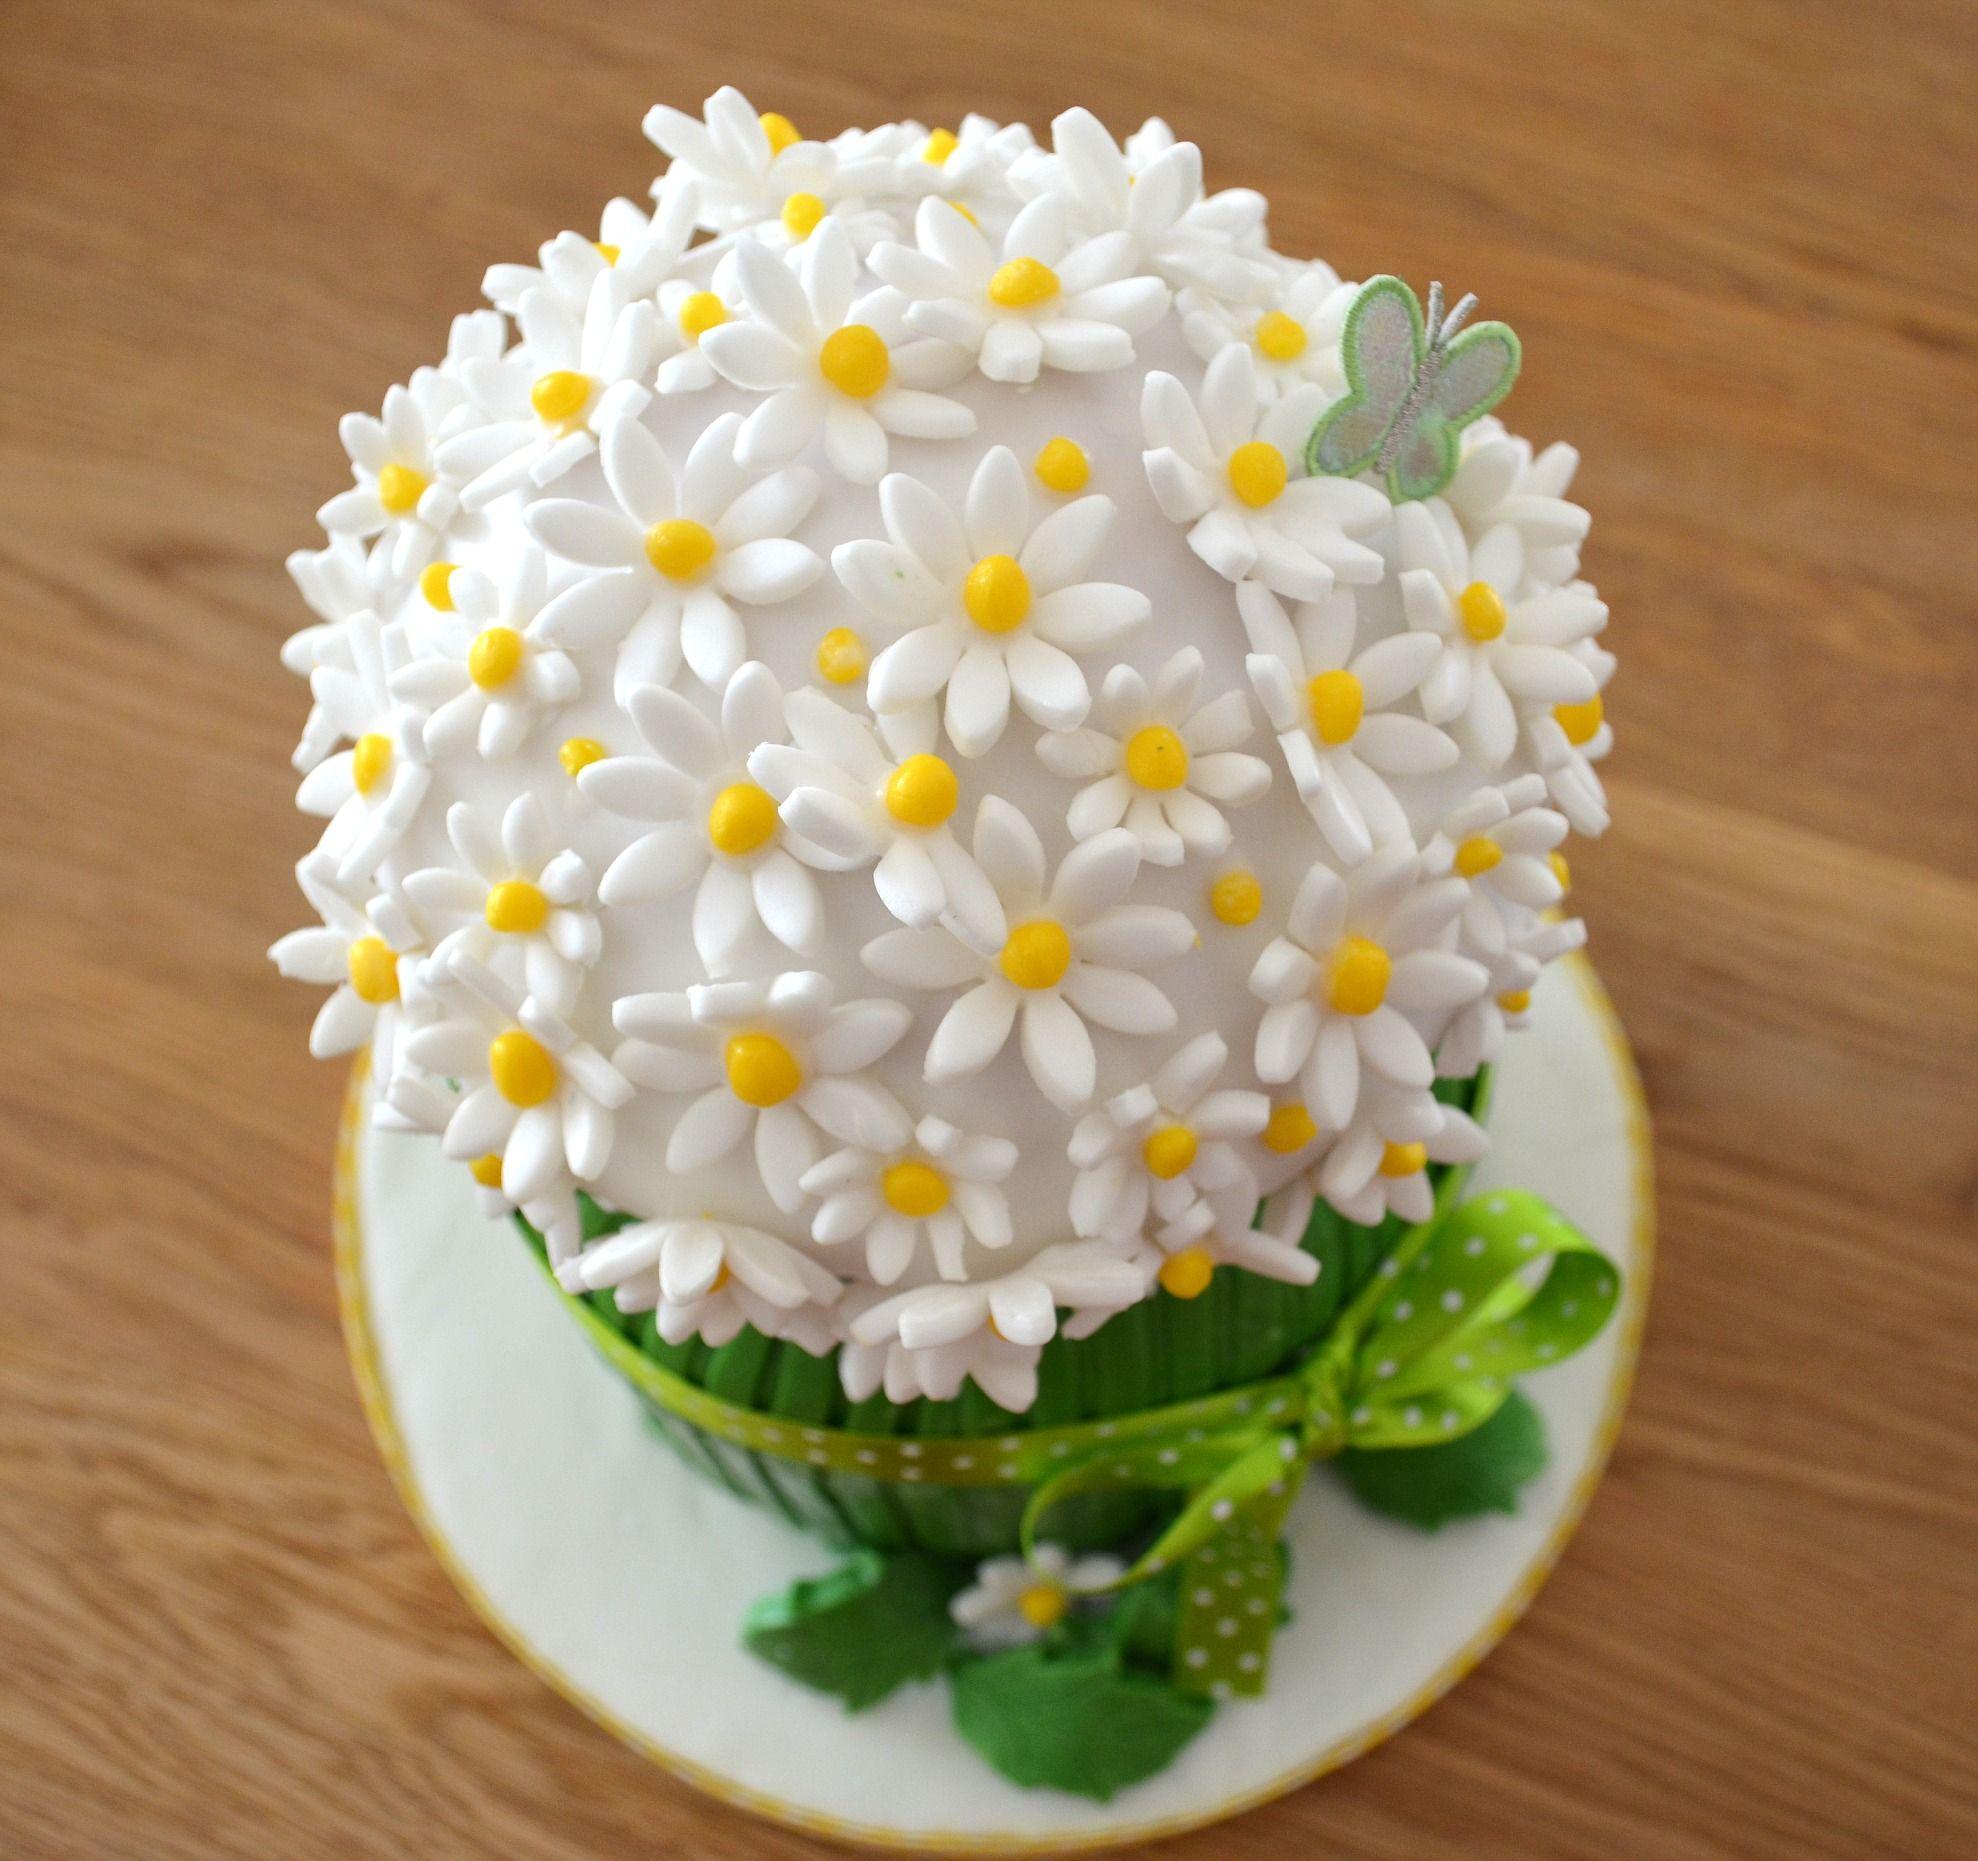 Springtime Daisy Cake